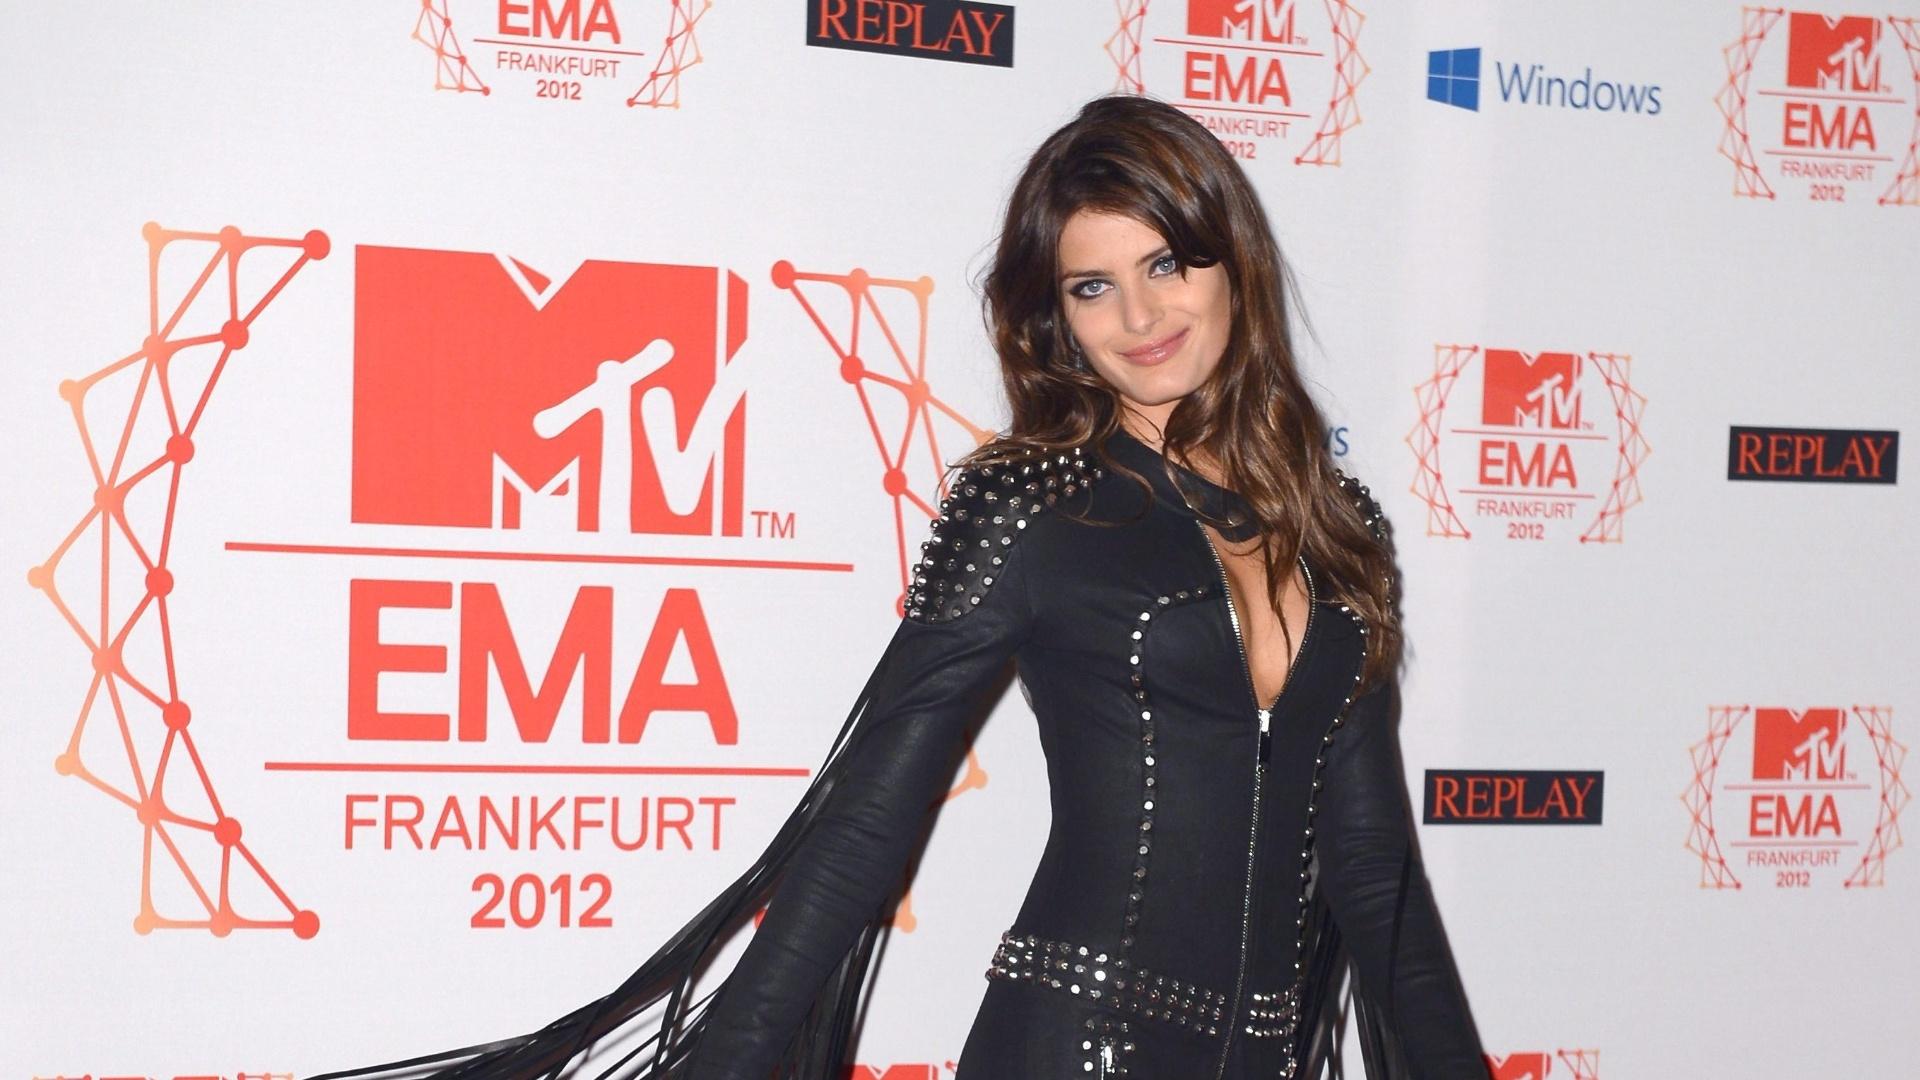 Isabeli Fontana posa para os fotógrafos no tapete vermelho do EMA 2012 em Frankfurt, na Alemanha (11/11/12)